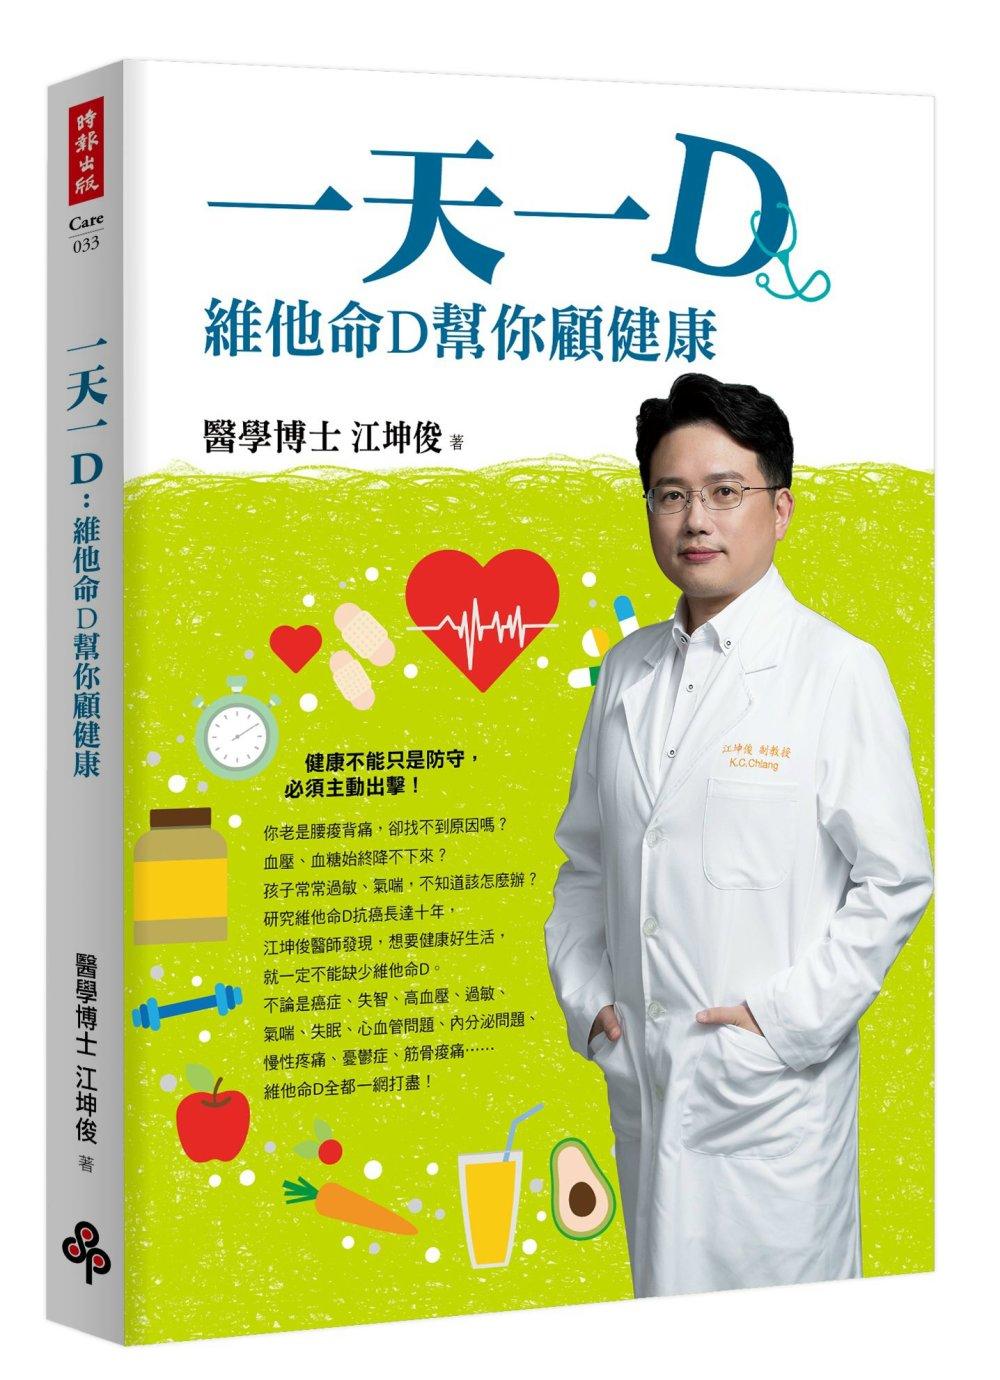 《一天一D:維他命D幫你顧健康》 商品條碼,ISBN:9789571373003